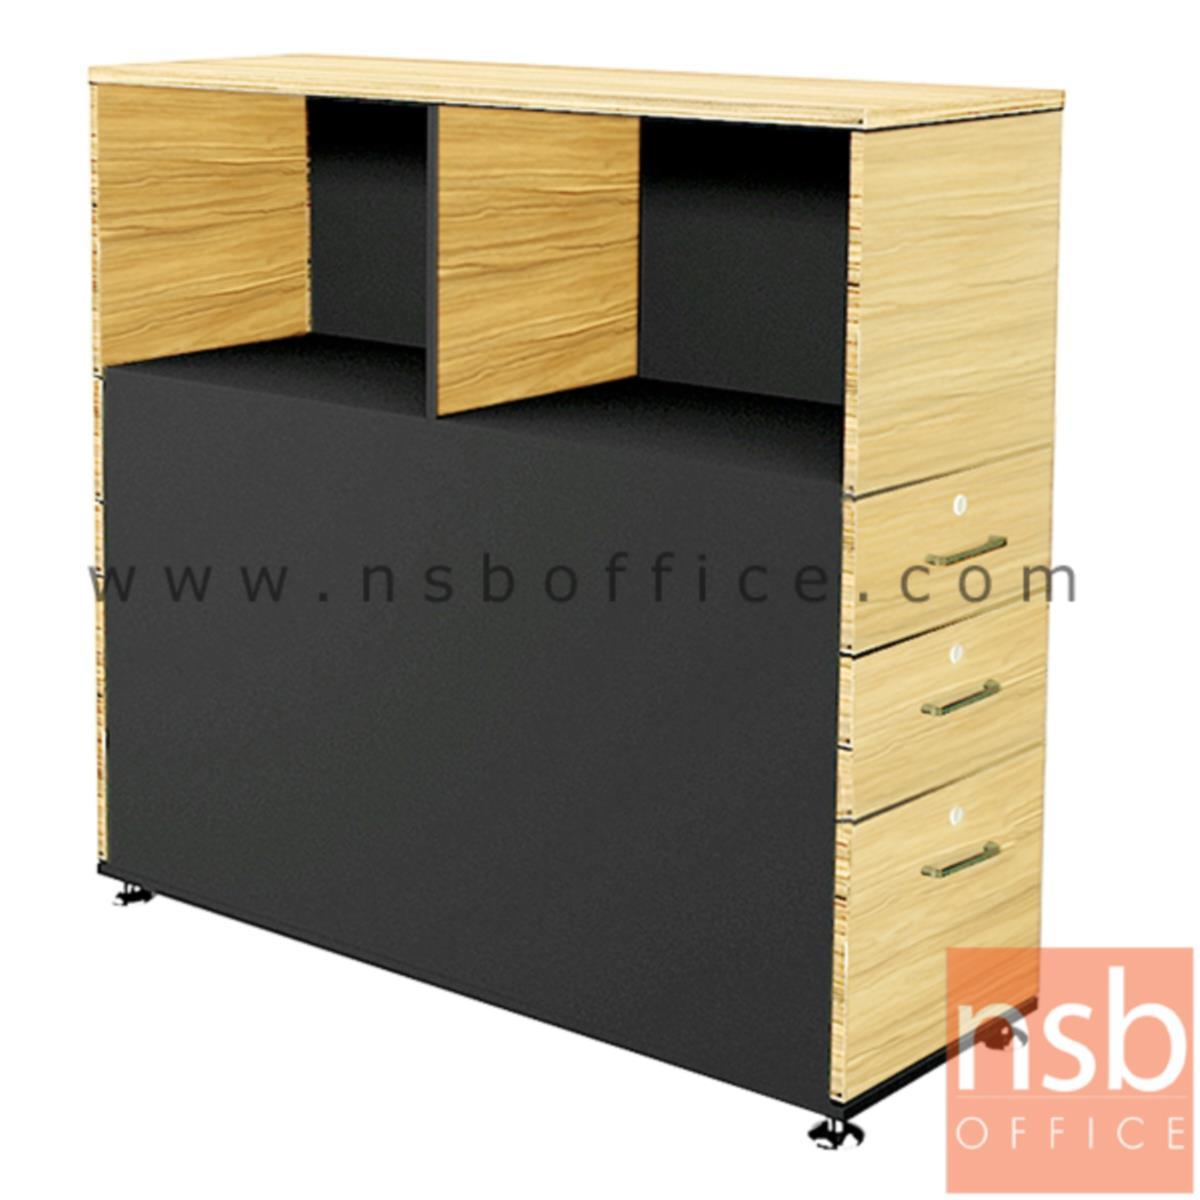 C01A041:ตู้กั้นข้างโต๊ะสำหรับ 2 ที่นั่ง  รุ่น Cranberry (แครนเบอร์รี่) สูง 110 cm. บนช่องวางเอกสาร 3 ลิ้นชัก เมลามีน